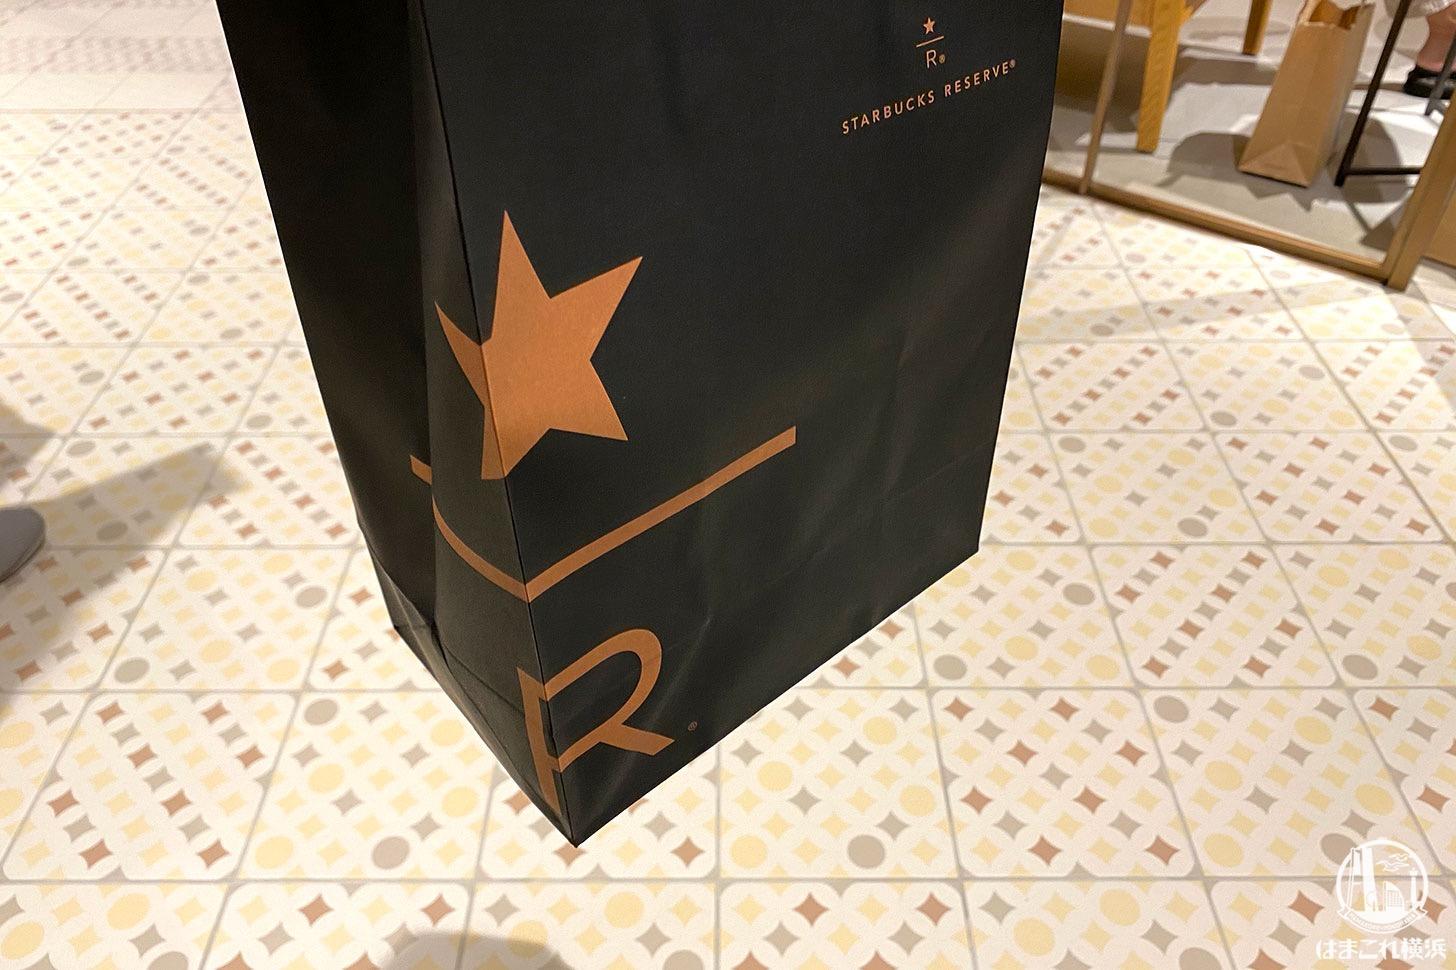 スターバックスリザーブ 紙袋